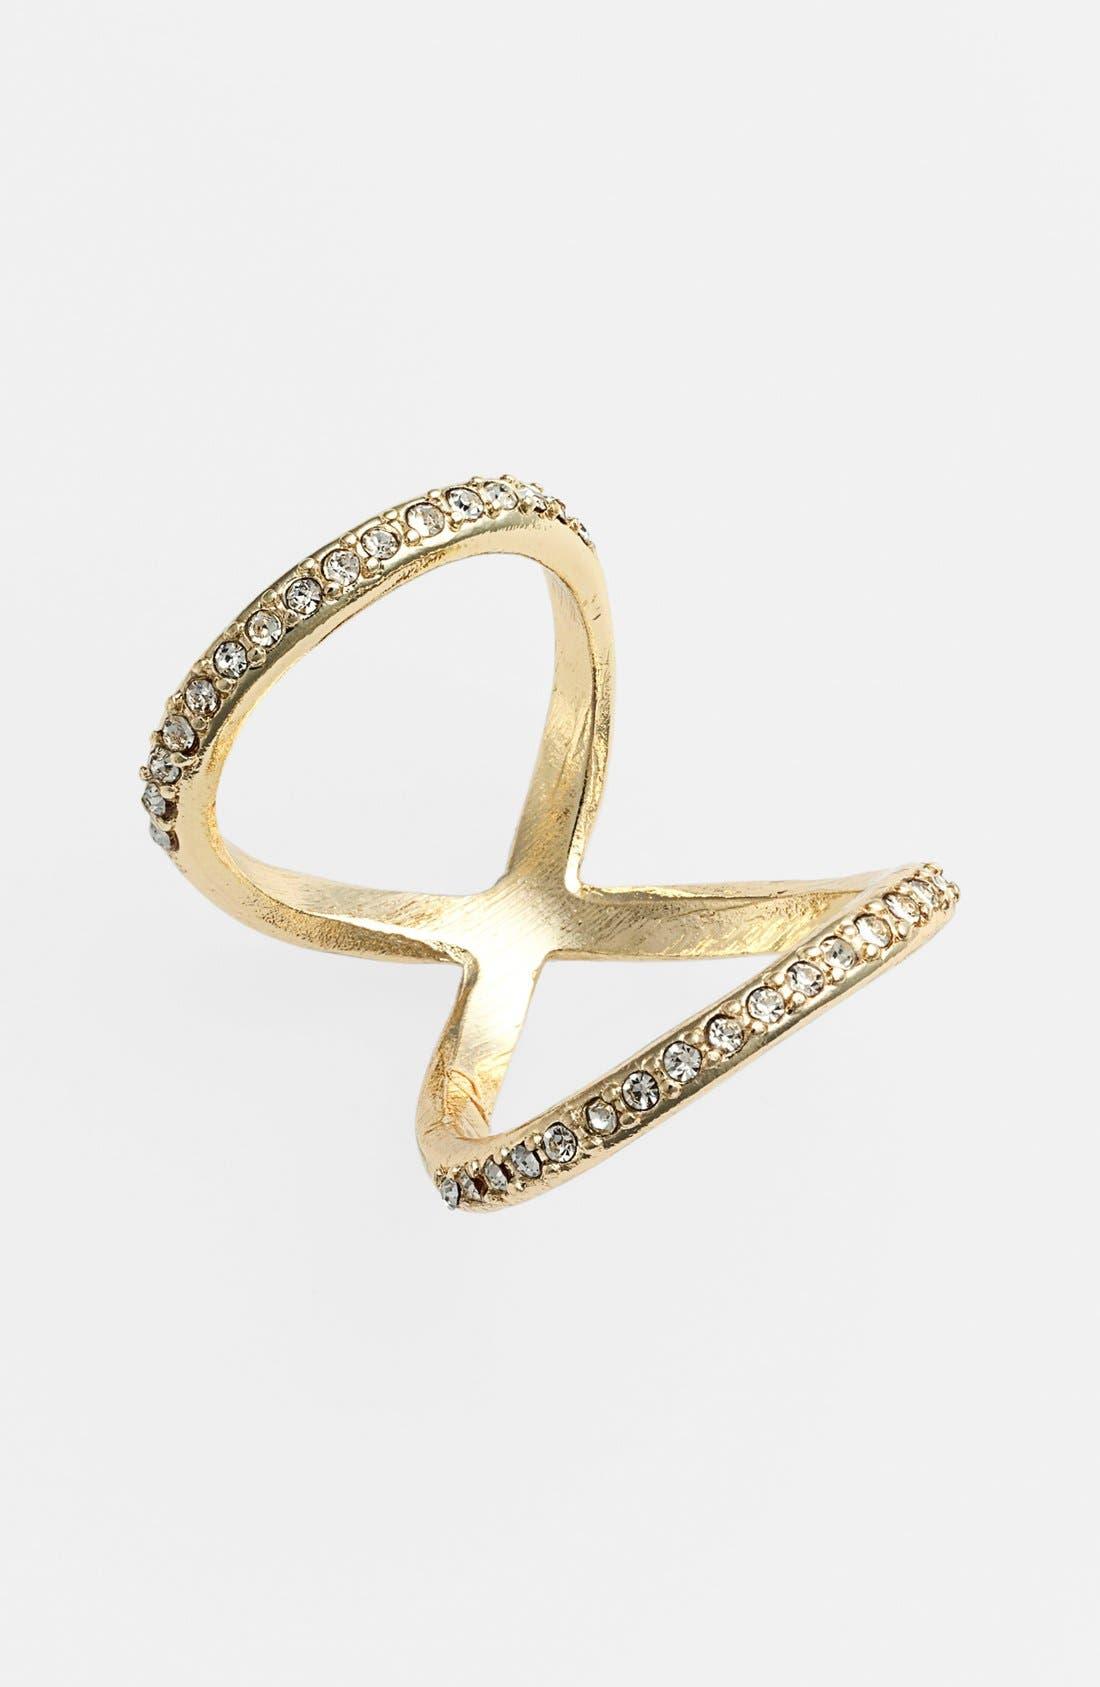 Alternate Image 1 Selected - Tildon 'Infinity' Ring